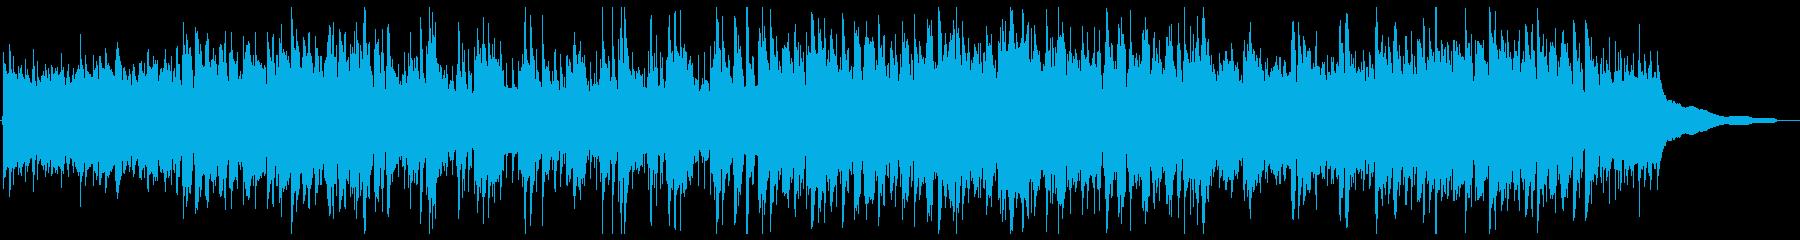 口笛とアコギがさわやかなカントリー系音楽の再生済みの波形